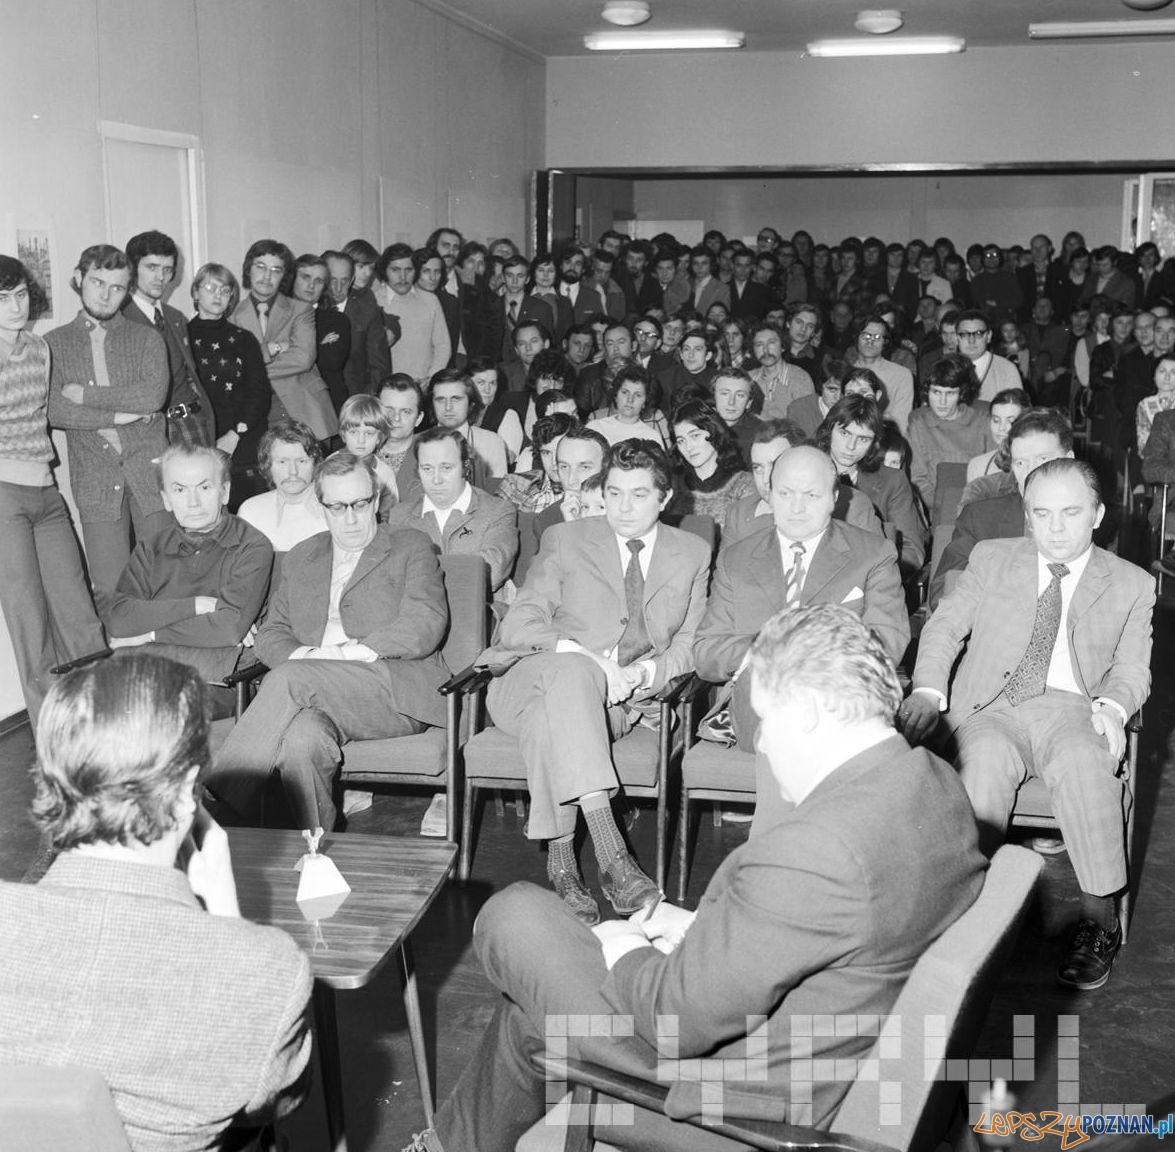 Spotkanie z redaktorem Bohdanem Tomaszewskim w Klubie Międzynarodowej Prasy i Książki - 17.01.1974  Foto: Stanisław Wiktor / Cyryl